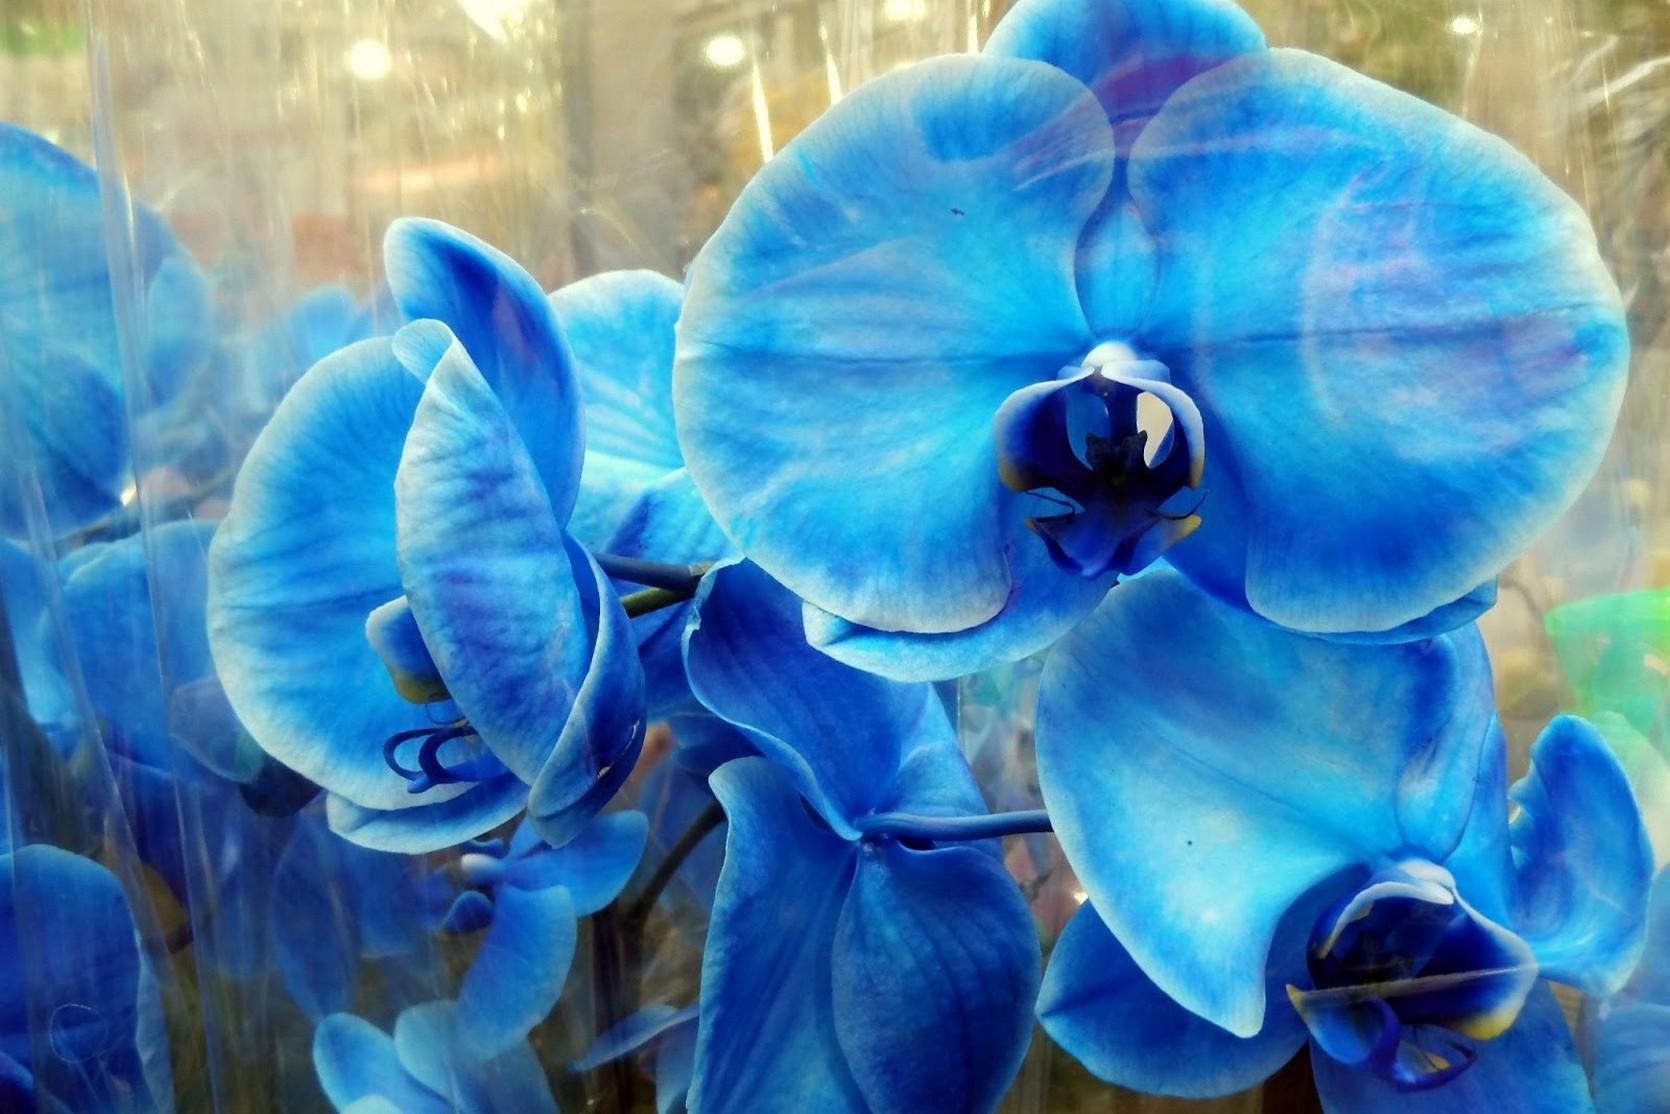 Синие орхидеи Фаленопсис – эфемерное очарование цвета